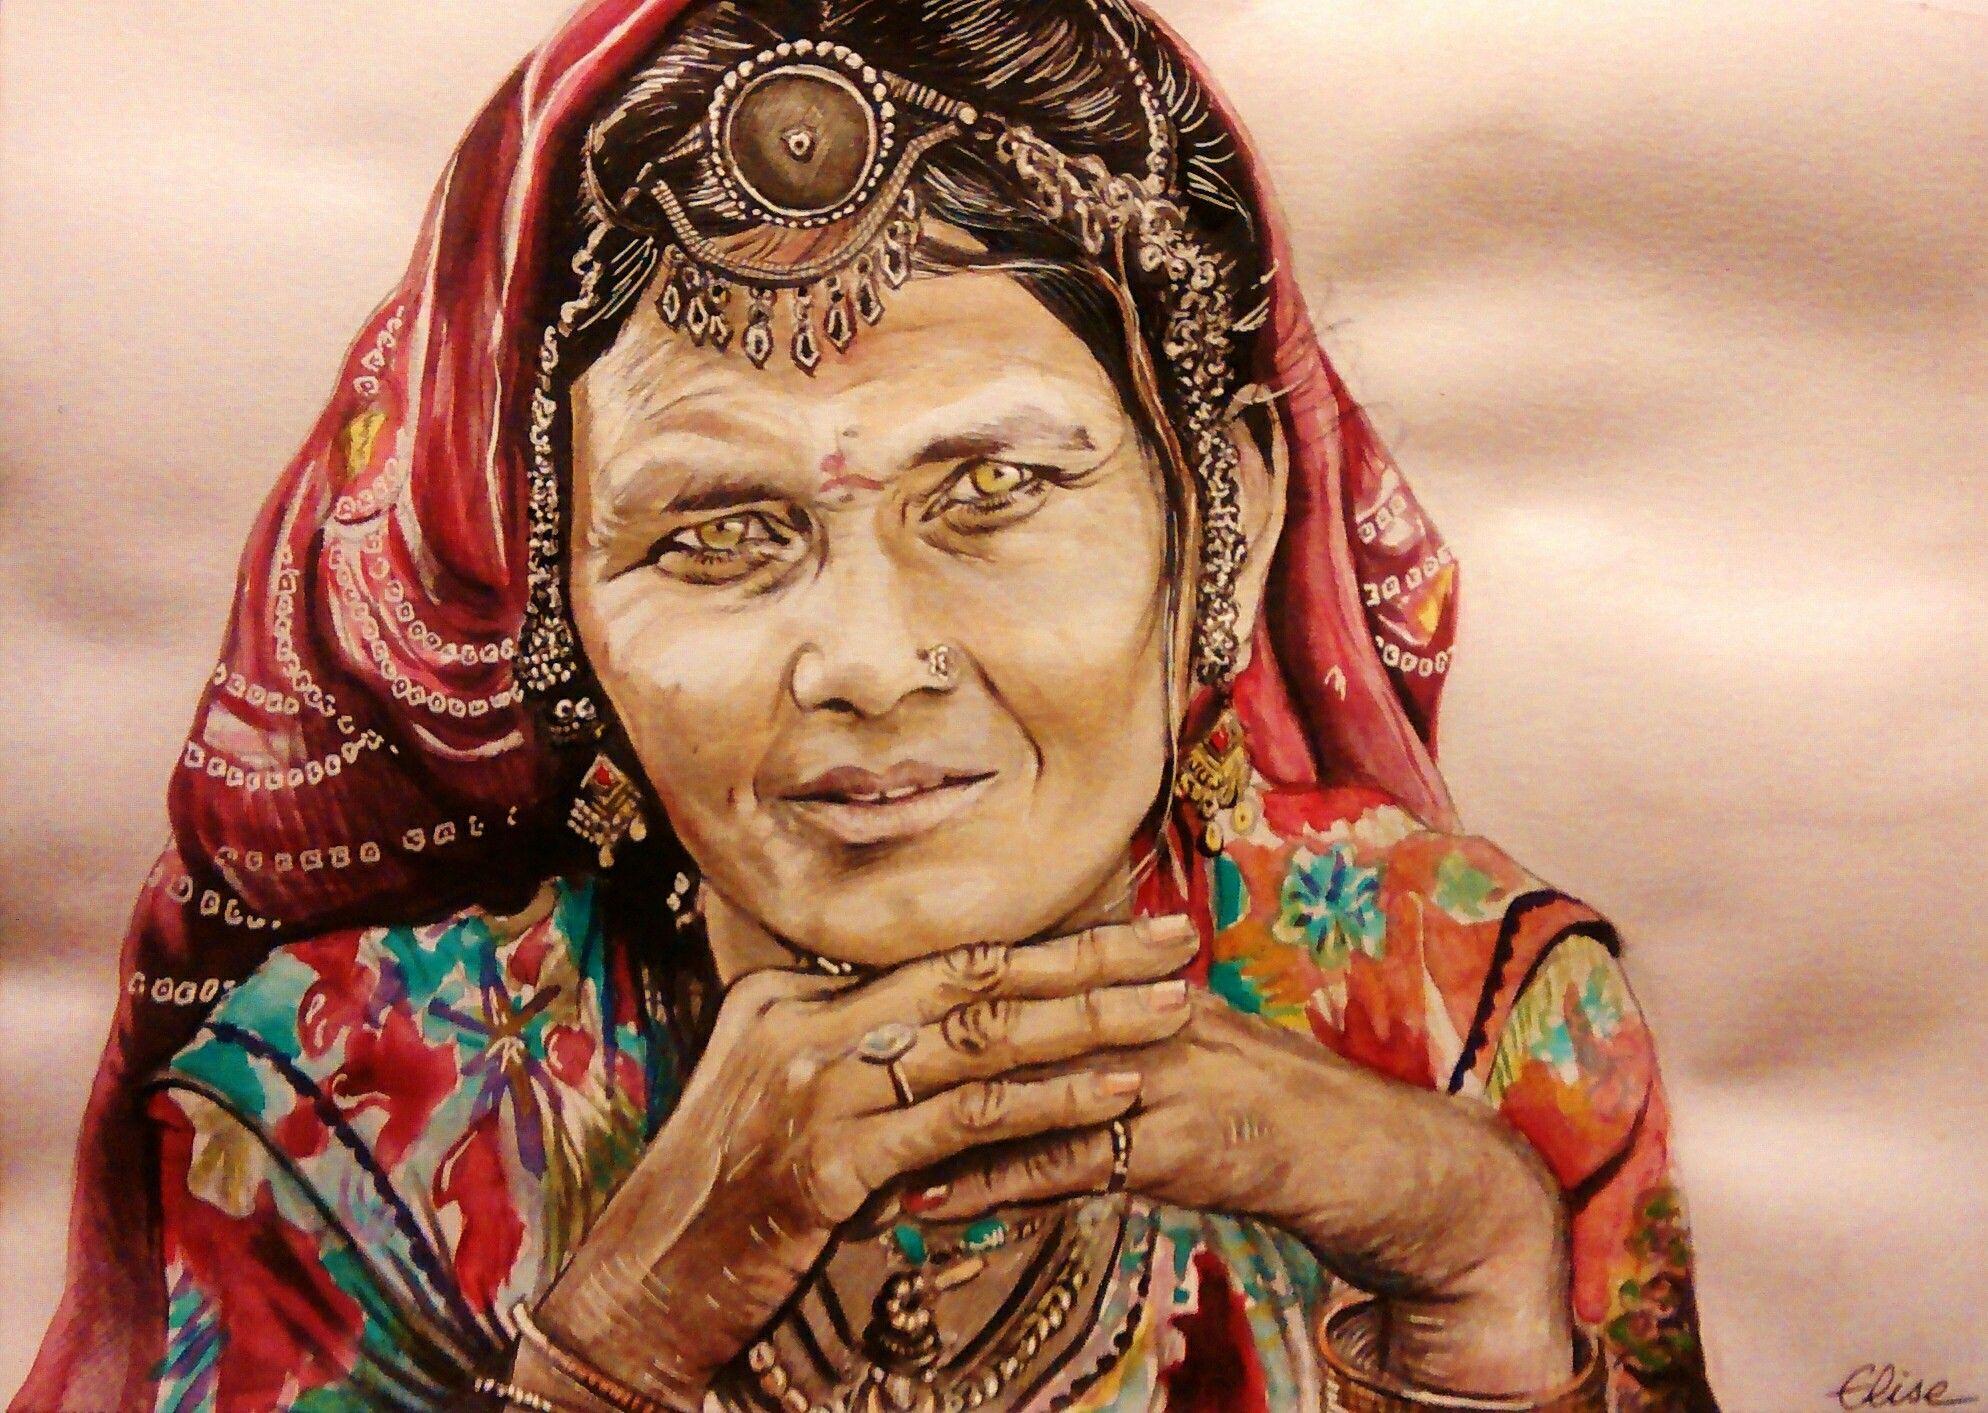 Recherche femme indienne pour mariage